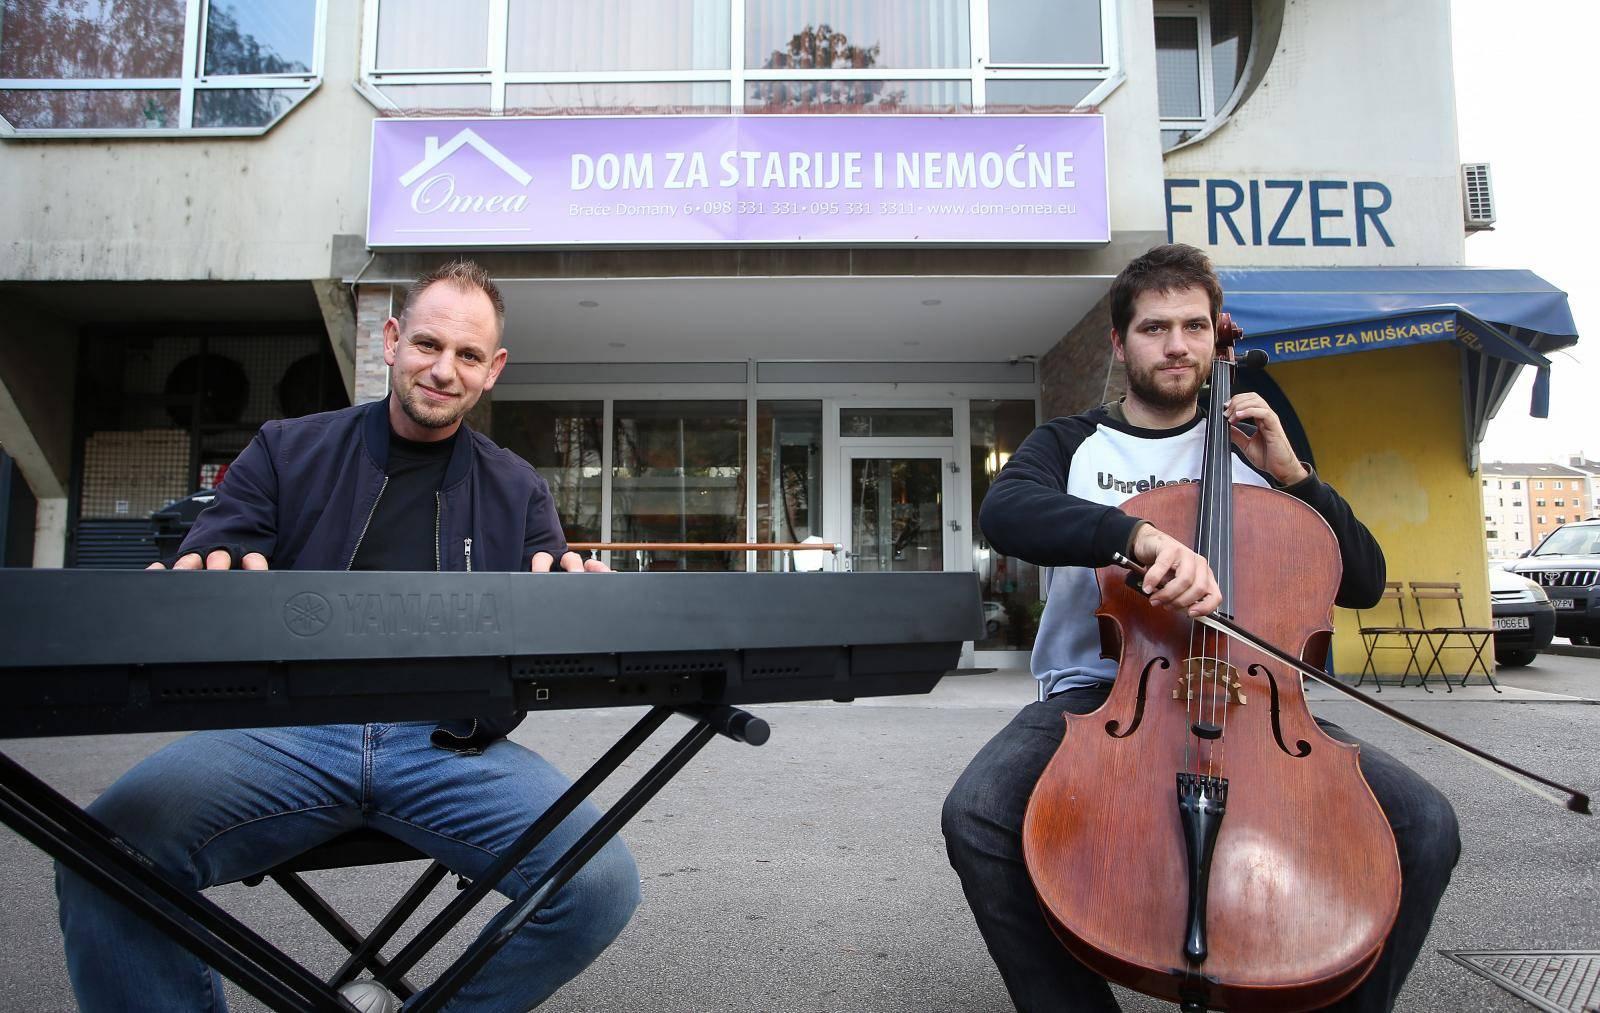 Braća sviraju pred staračkim domom: 'Želimo učiniti ljude sretnima, to je važna stvar'